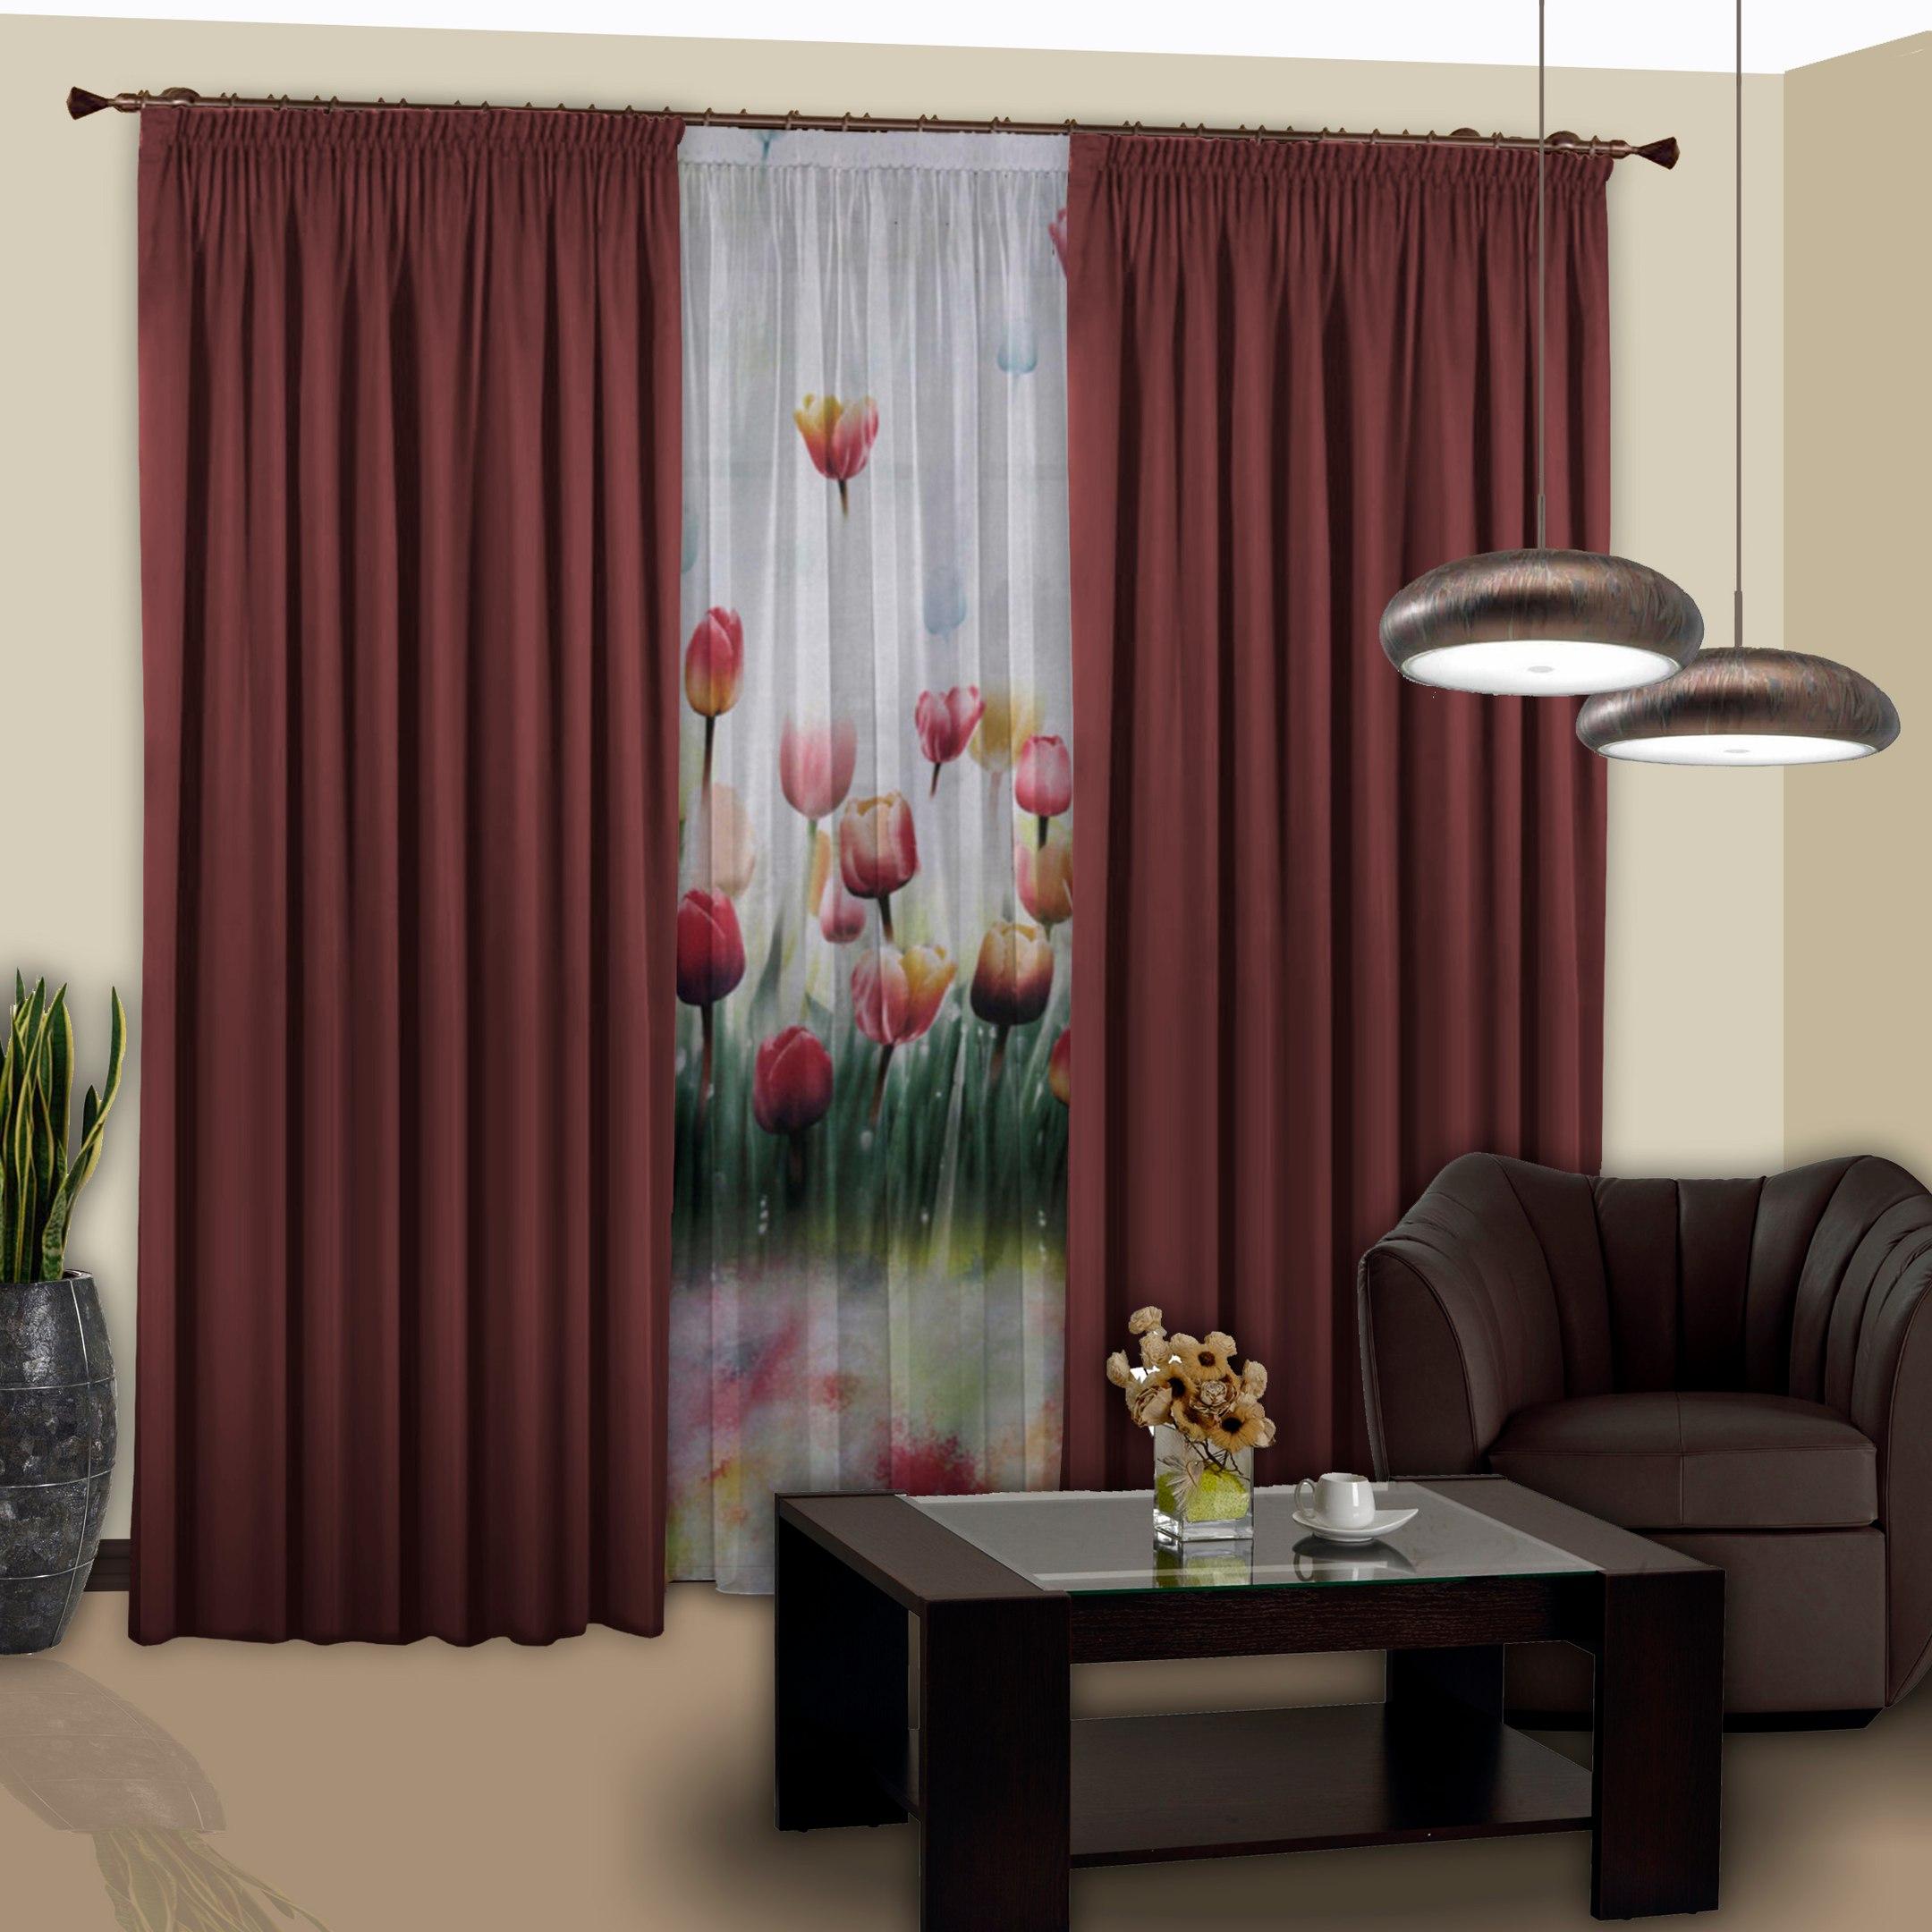 Шторы РеалТекс Классические шторы Saundra Цвет: Бордовый шторы реалтекс классические шторы alberta цвет персиковый молочный